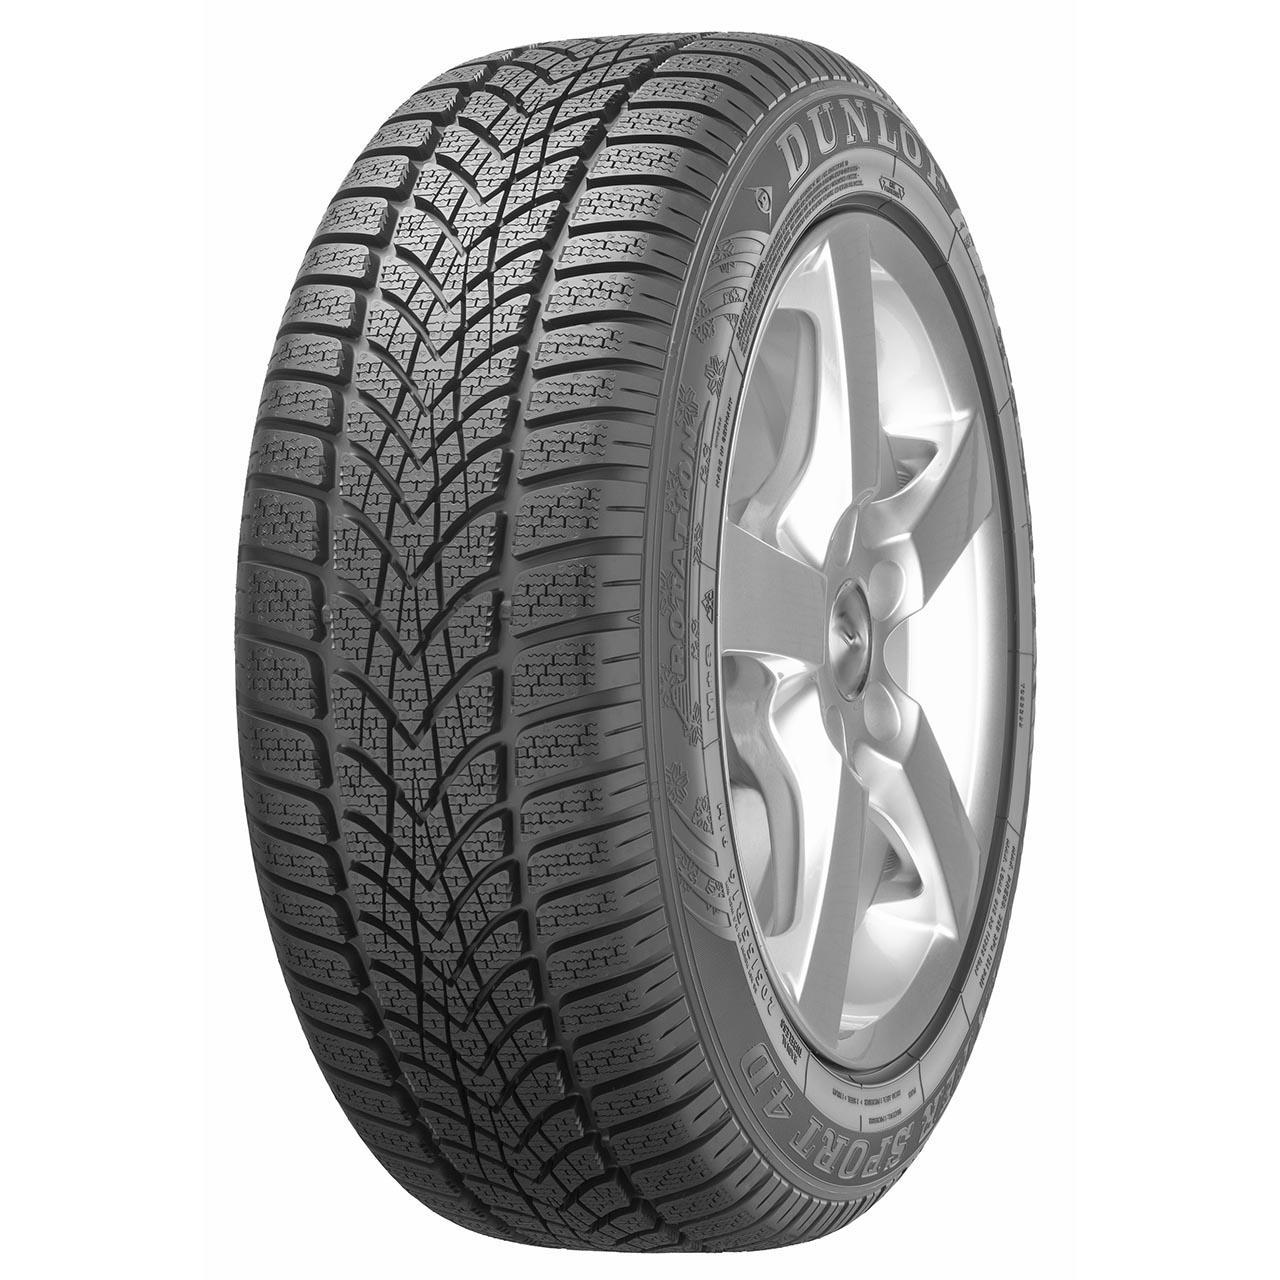 Dunlop SP Winter Sport 4D 205/45R17 88V MS XL MFS *